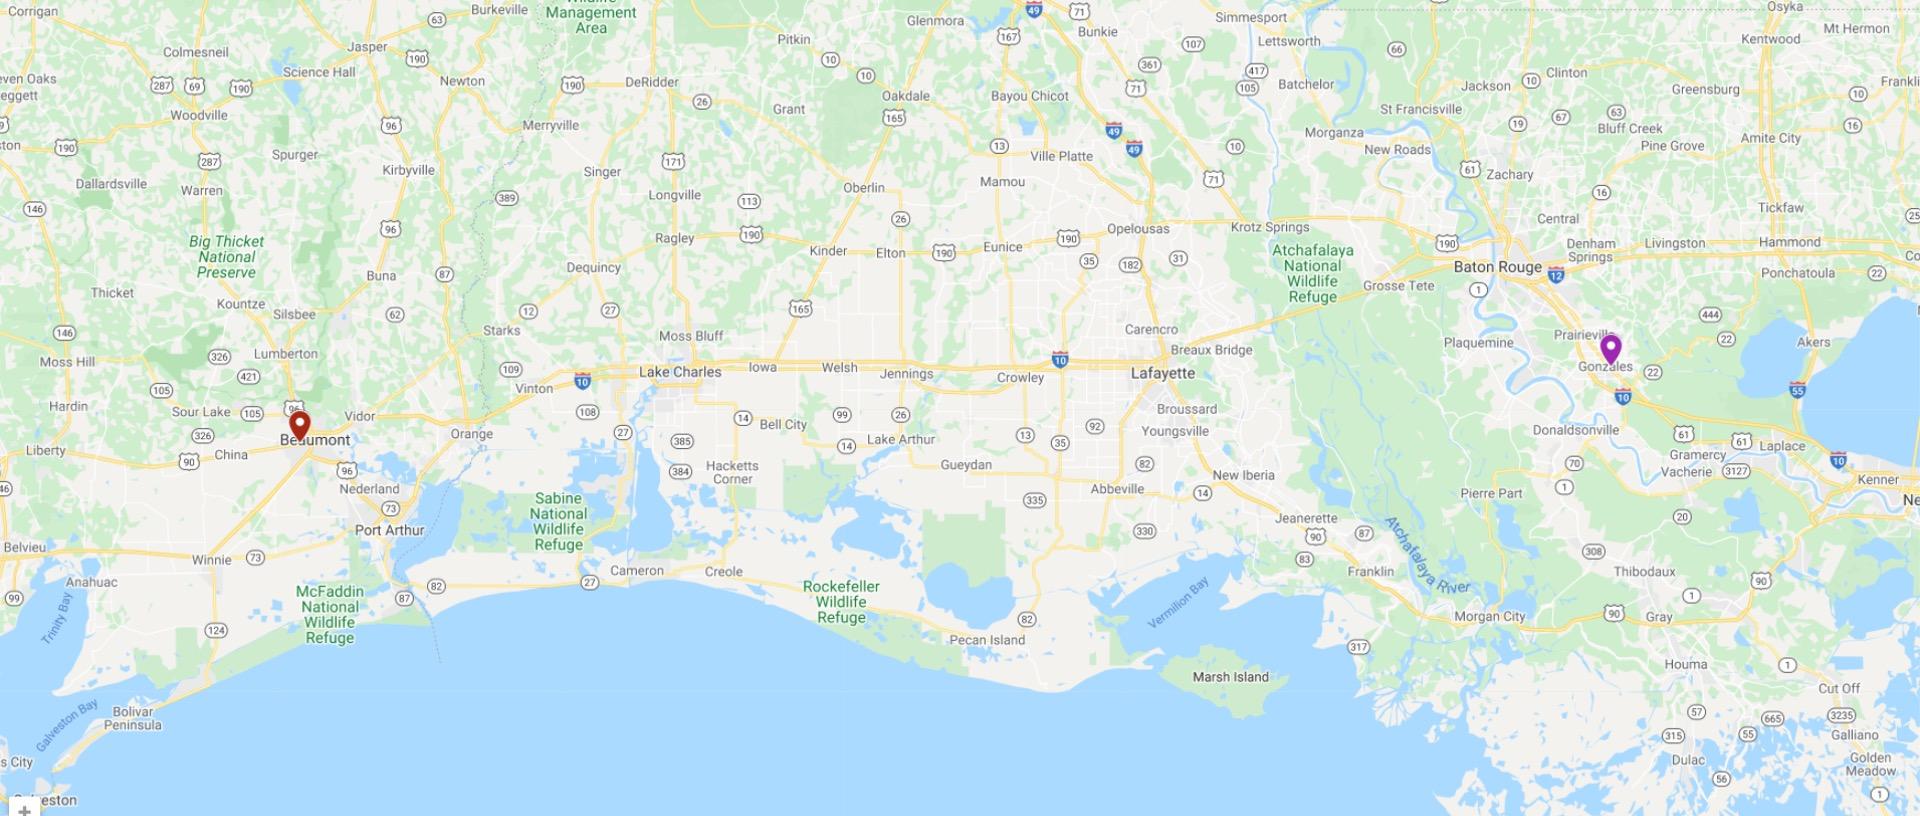 map of the Gulf Coast of Florida, Alabama, Mississippi, Louisiana, and Texas